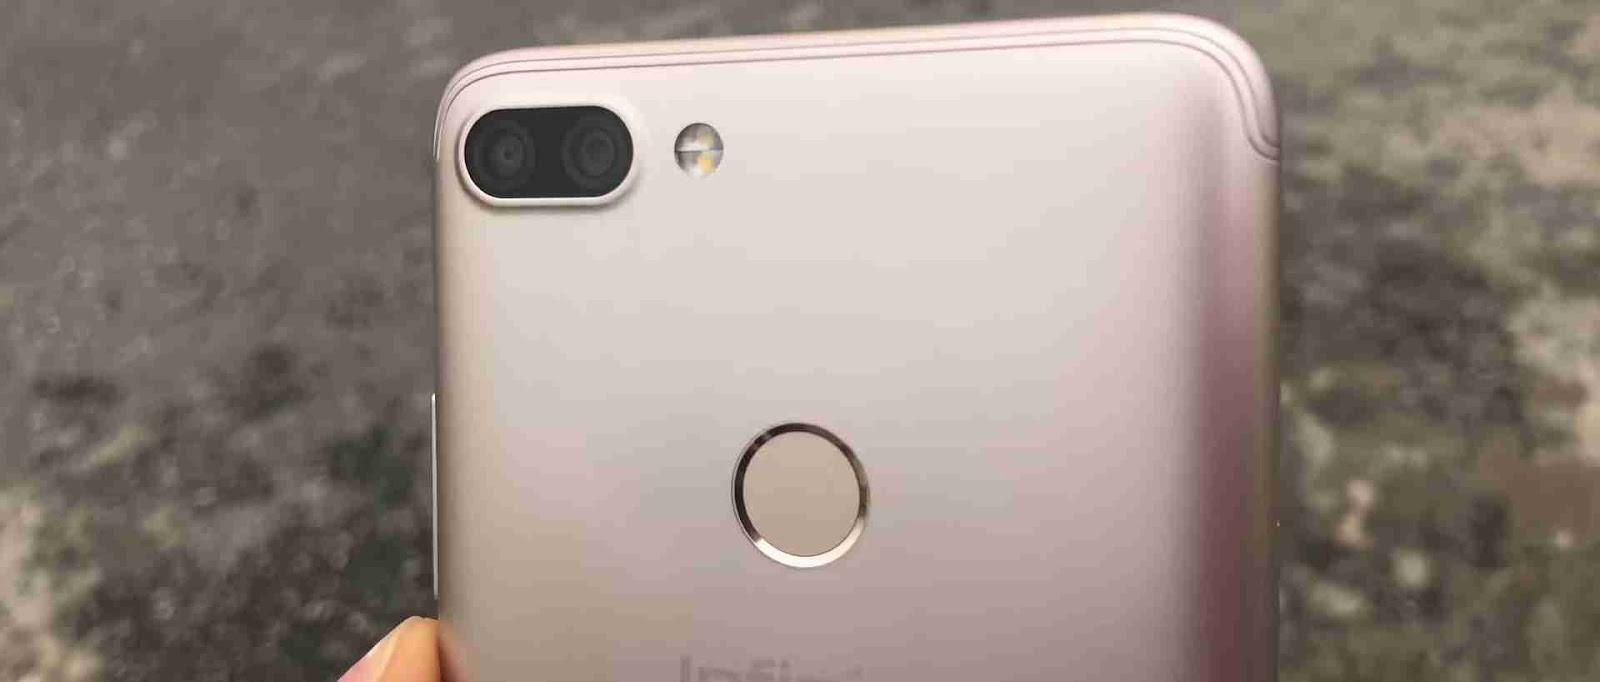 Infinix Hot 6 Pro Dual Back Cameras